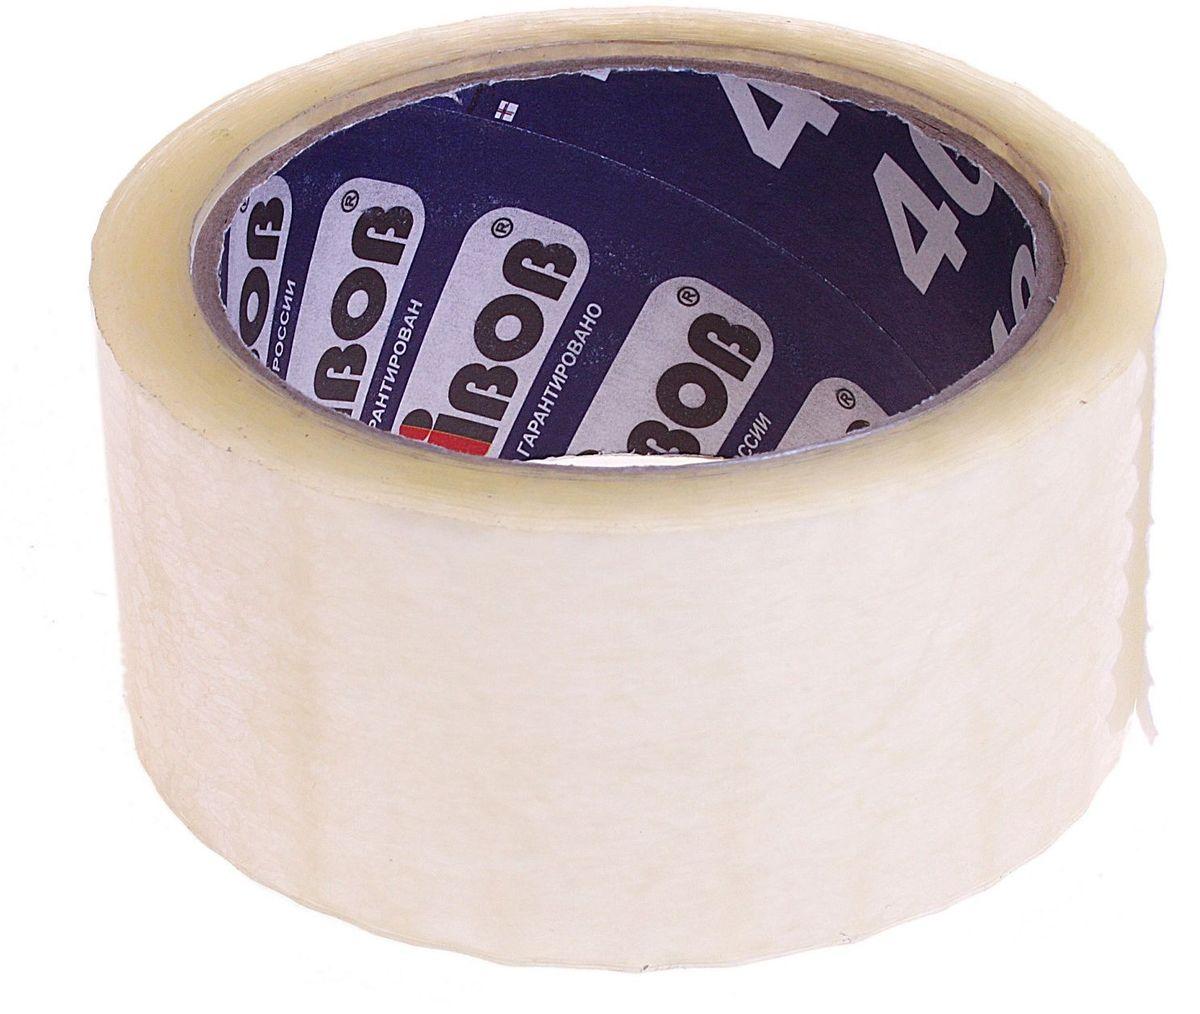 Клейкая лента 48 мм х 66 м цвет прозрачный 584577584577Клейкая лента на полипропиленовой основе это водонепроницаемое изделие, которое способно противостоять широкому диапазону температур. Применяется в быту для упаковки: легких и тяжелых коробок, изготовленных из гофрокартона, строительных смесей, масложировой продукции и мороженого, канцелярских товаров, промышленных товаров. Клейкая лента поможет скрепить предметы в любой ситуации, например, если вы делаете ремонт или меняете место жительства и пакуете коробки.